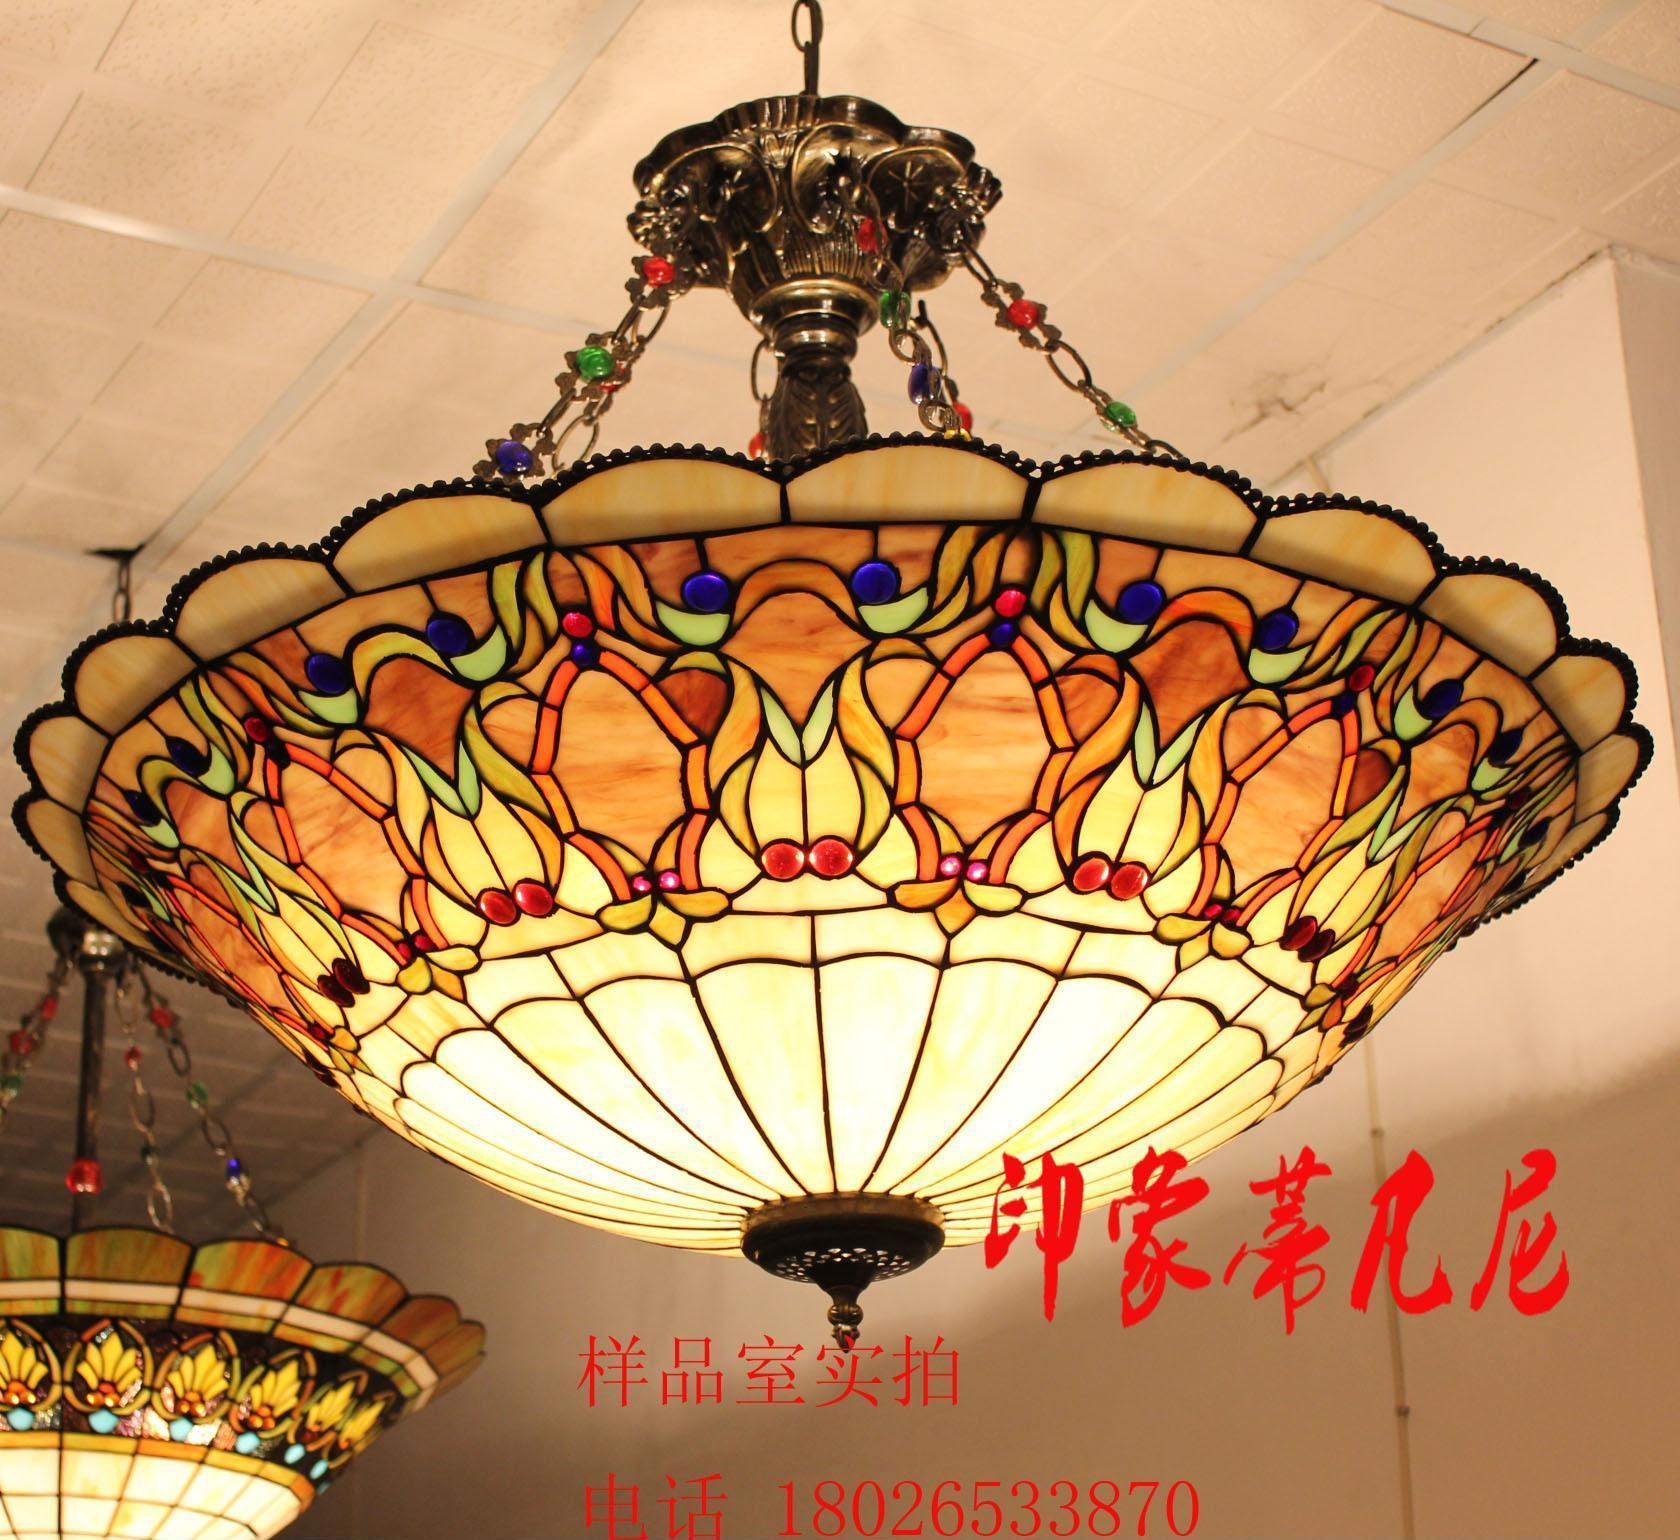 蒂凡尼欧式复古酒吧ktv豪华酒店大堂餐厅客厅彩色玻璃艺术反吊灯